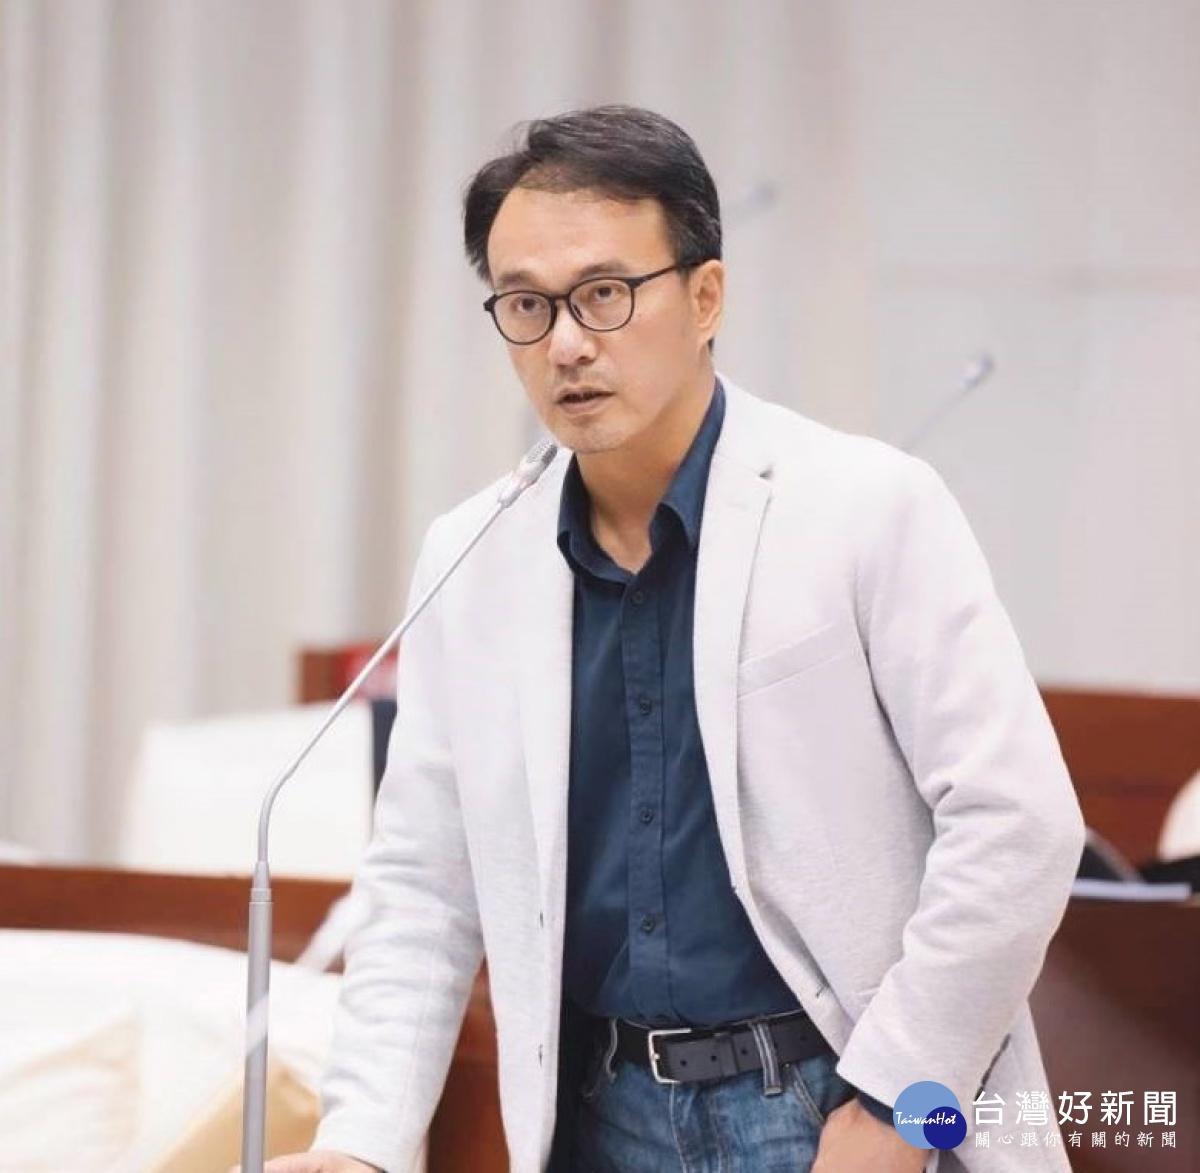 李國璋籲林佳龍遵循民主政治 正式向蘇貞昌請辭